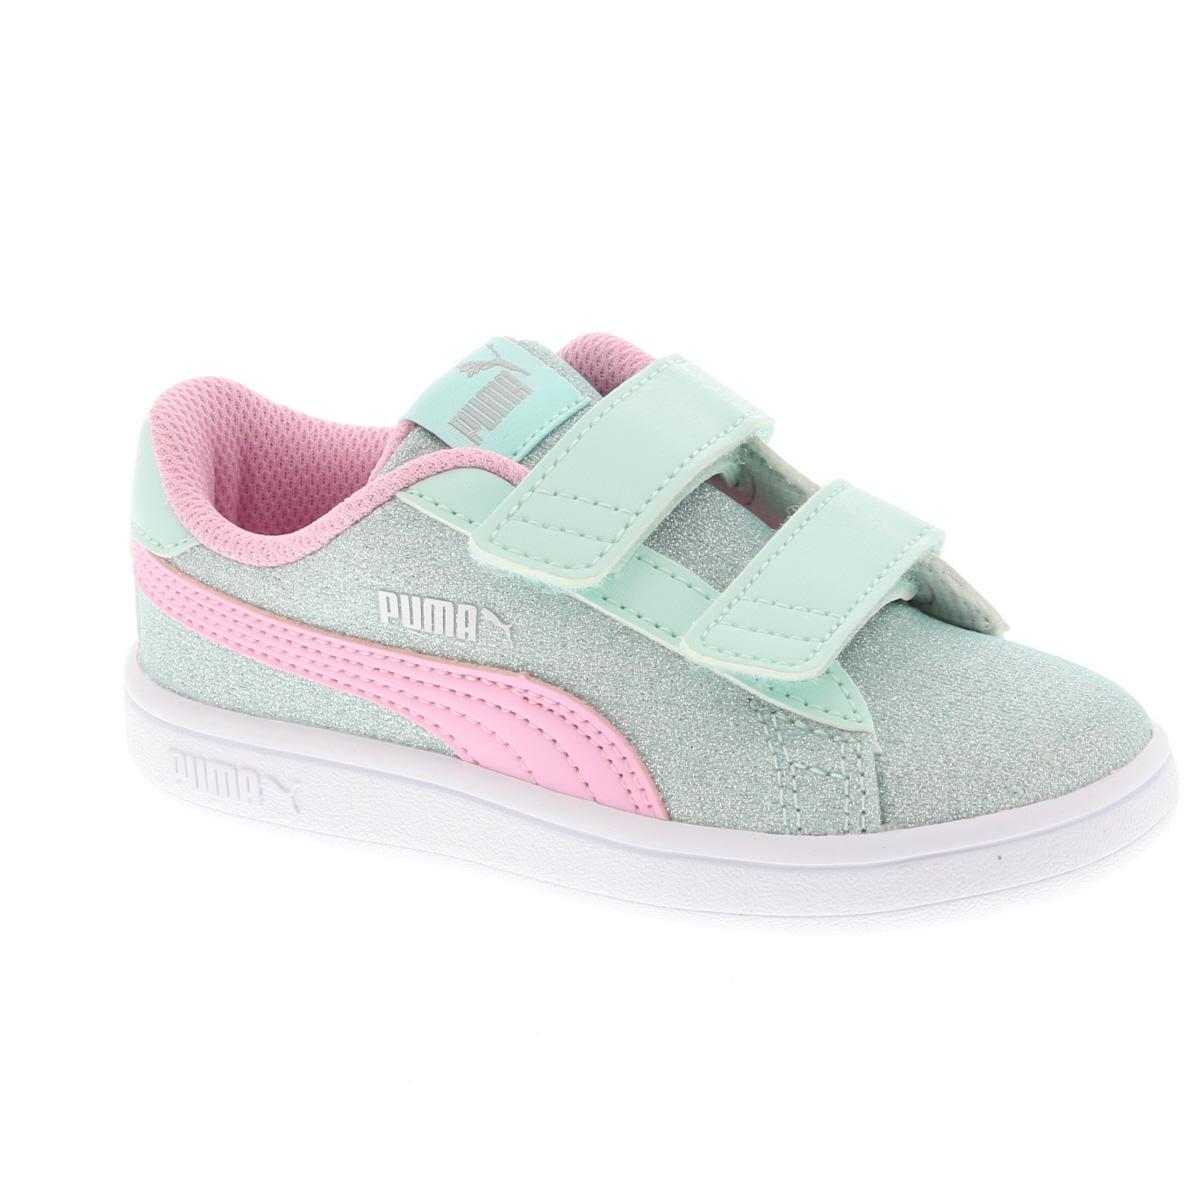 4fb0bd7e4aa Puma sneakers bestel je online bij